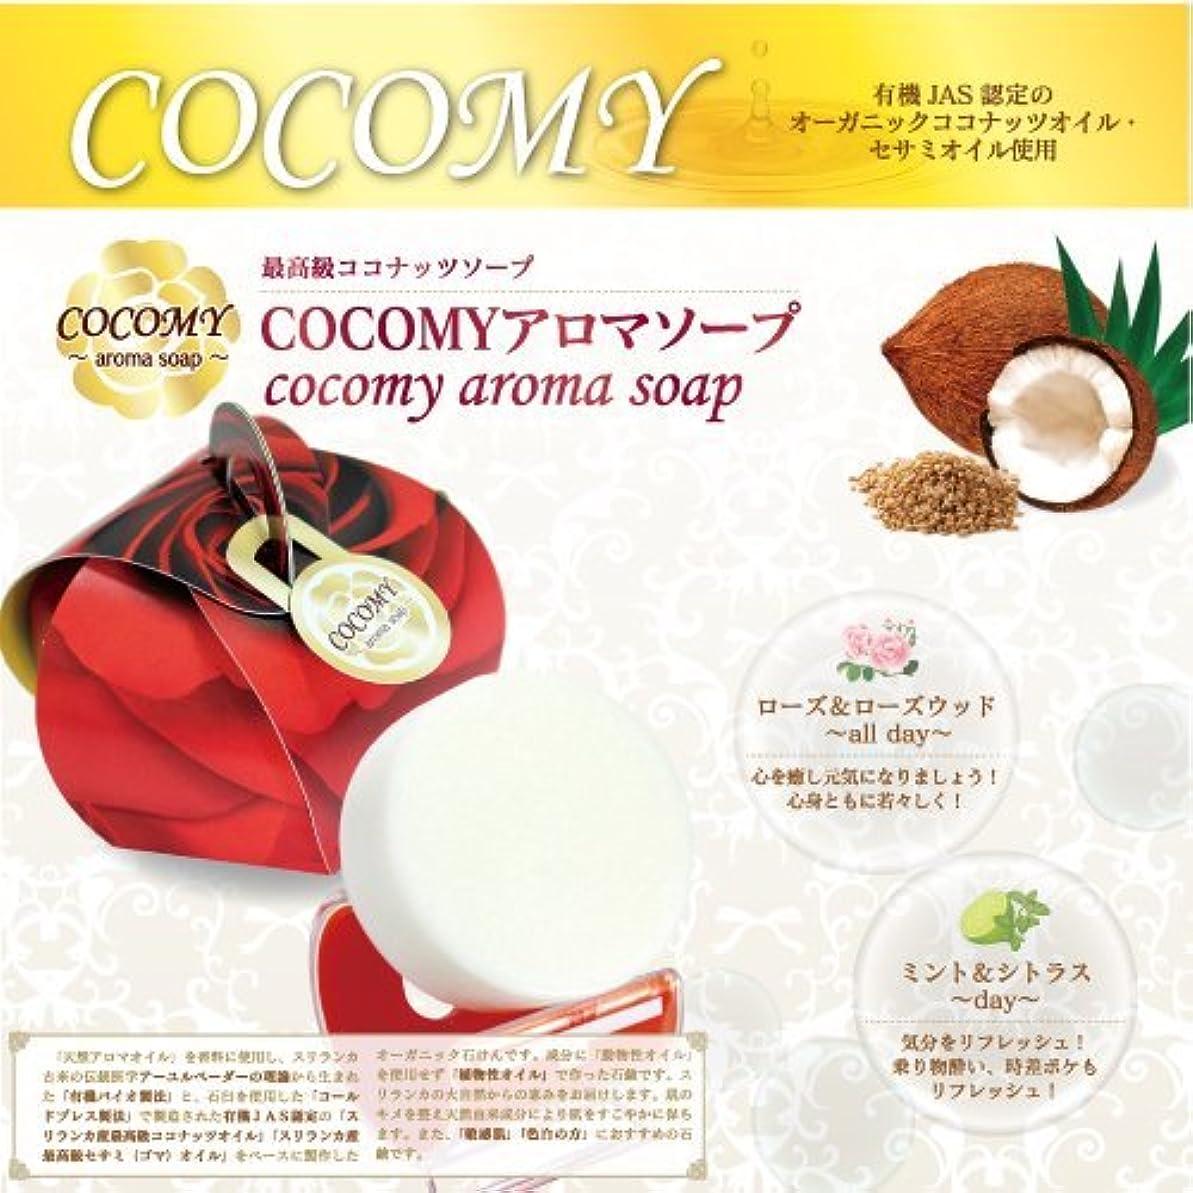 名前で出撃者汚物COCOMY aromaソープ 2個セット (ミント&シトラス)(ローズ&ローズウッド) 40g×各1